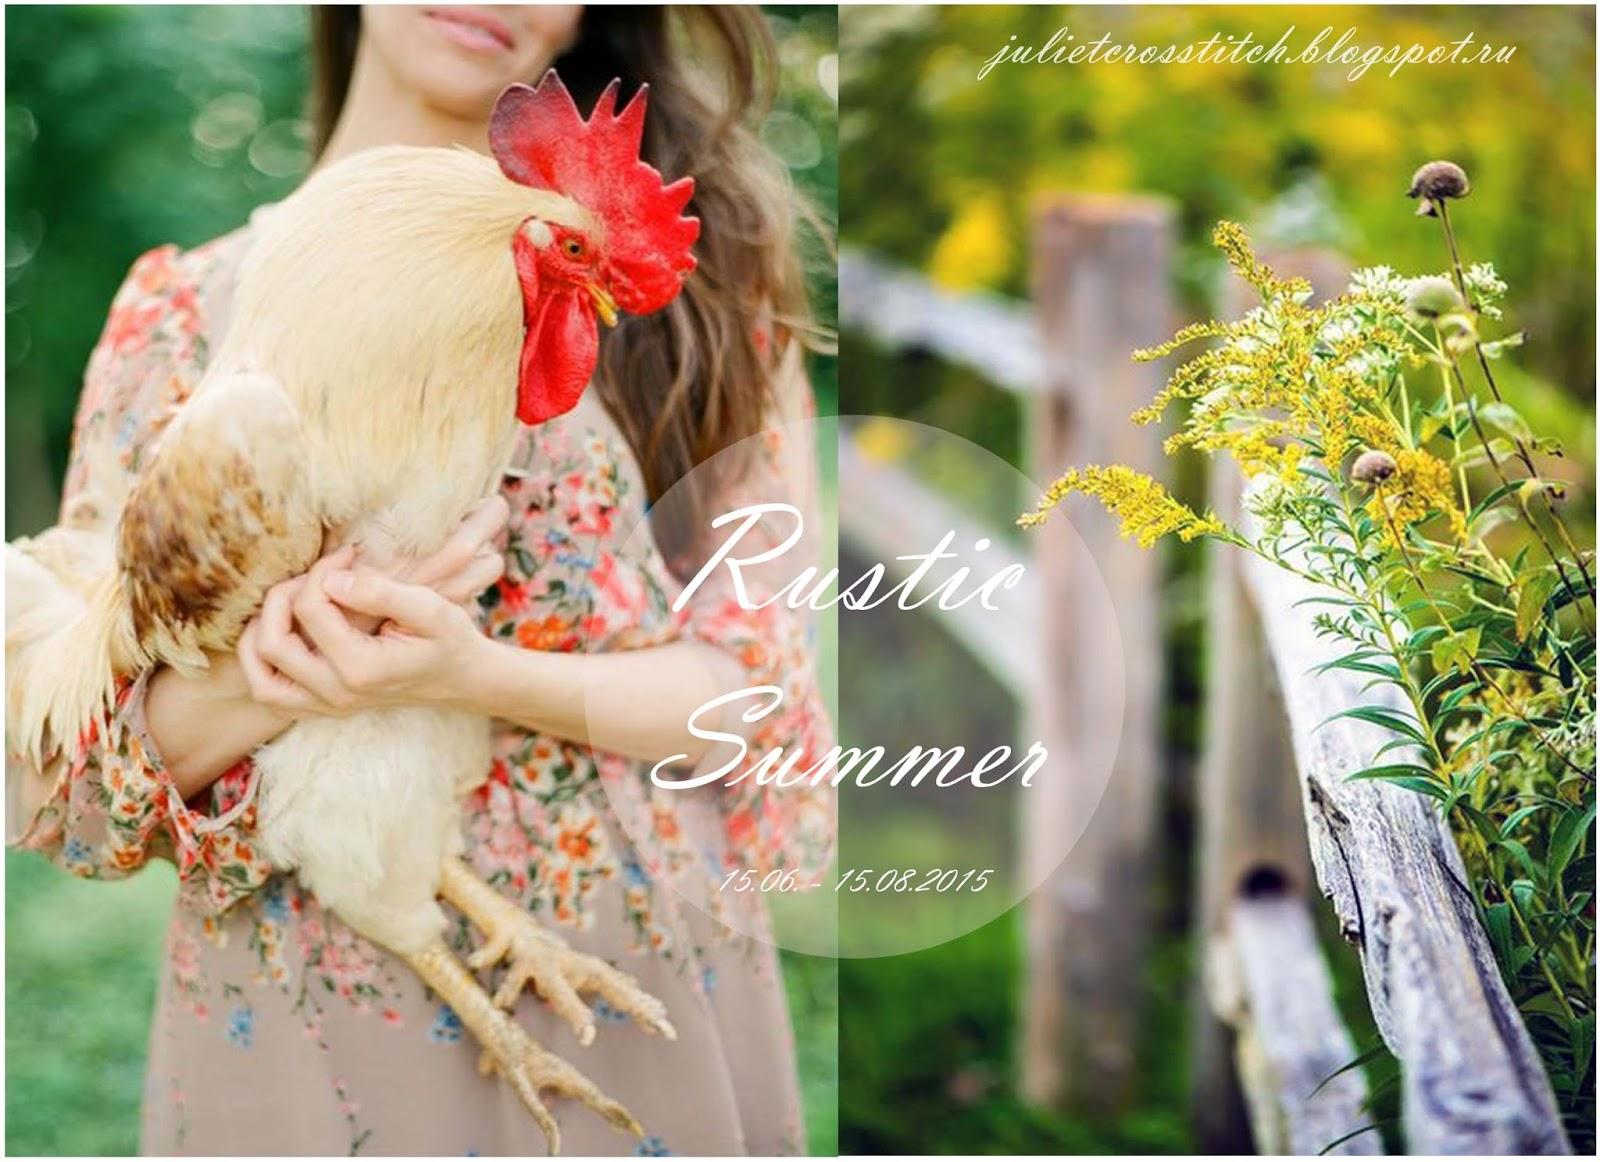 http://julietcrosstitch.blogspot.ru/2015/06/rustic.html